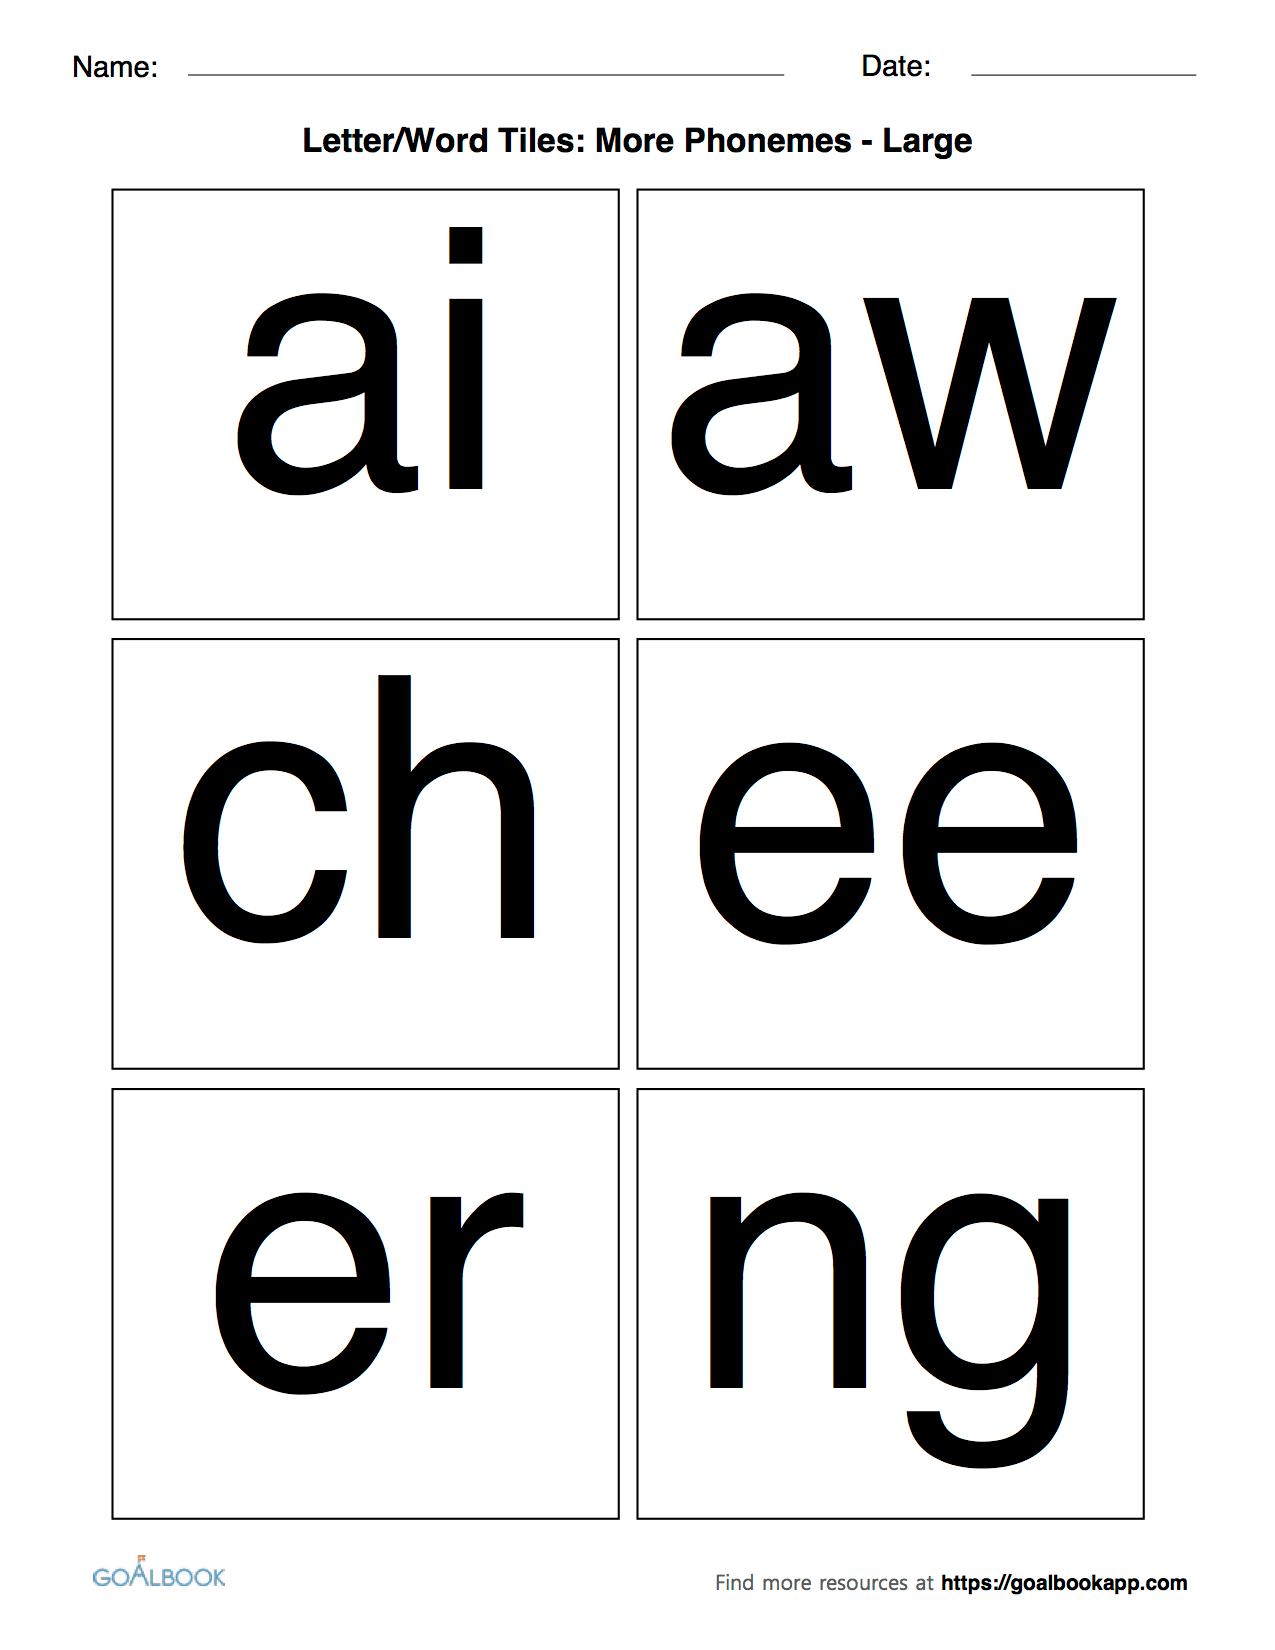 Letter Word Tiles